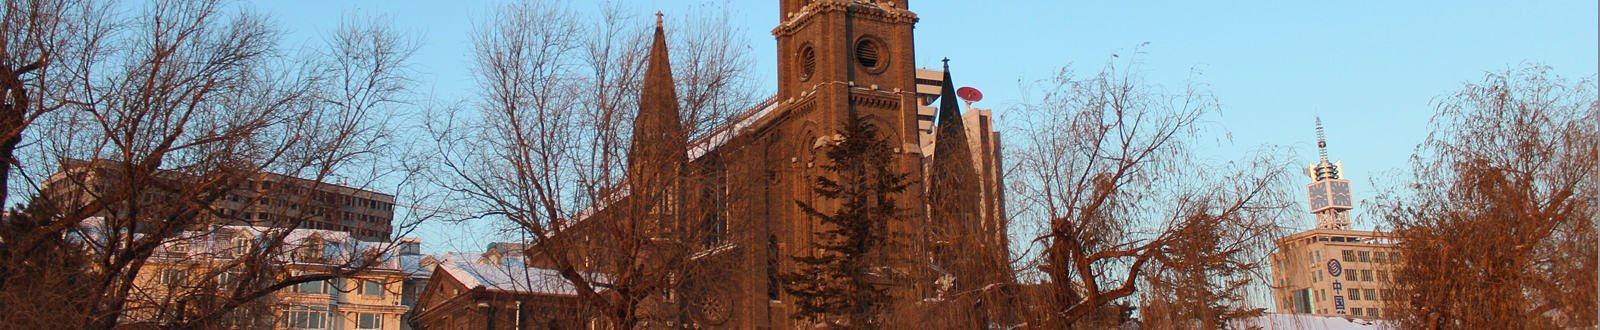 吉林市旅游